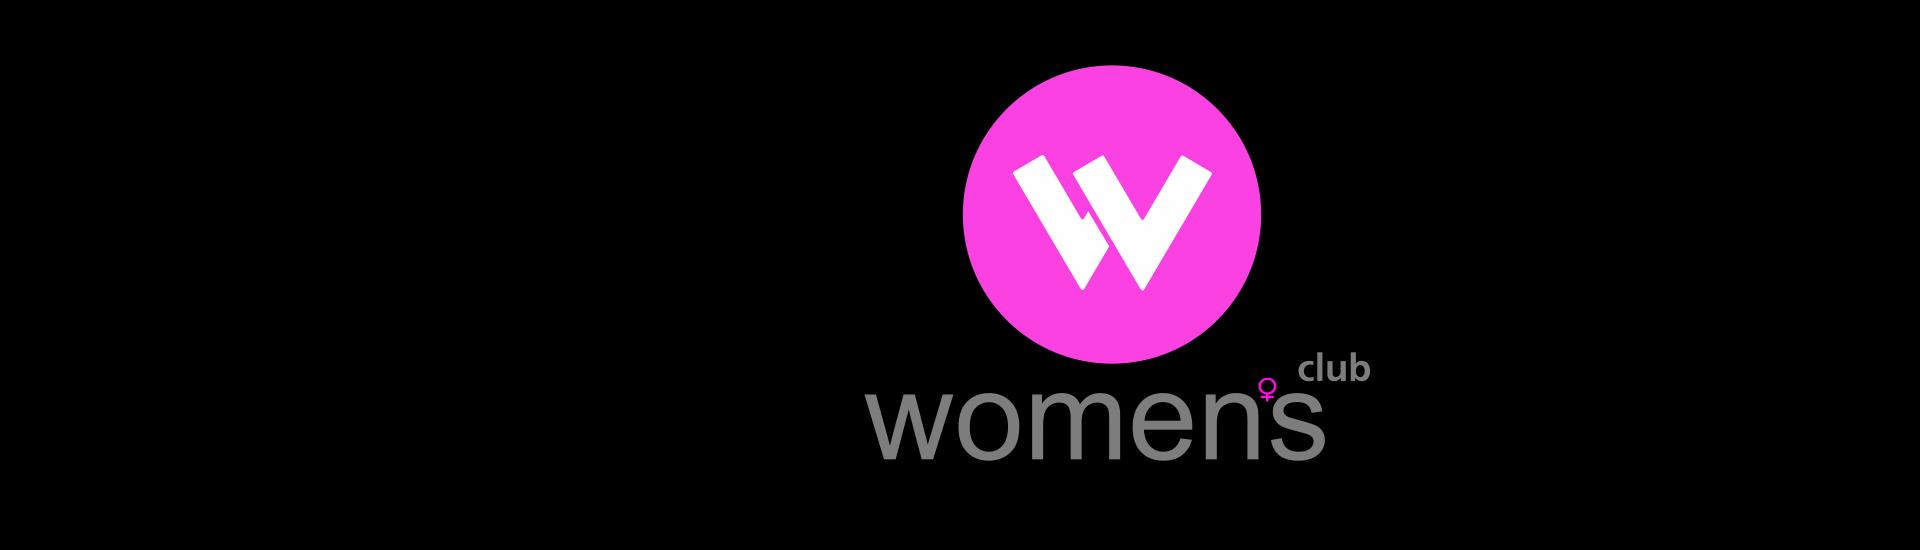 WOMEN'S CLUB -SHANT TV - ՇԱՆԹ ՀԵՌՈՒՍՏԱԸՆԿԵՐՈՒԹՅՈՒՆ